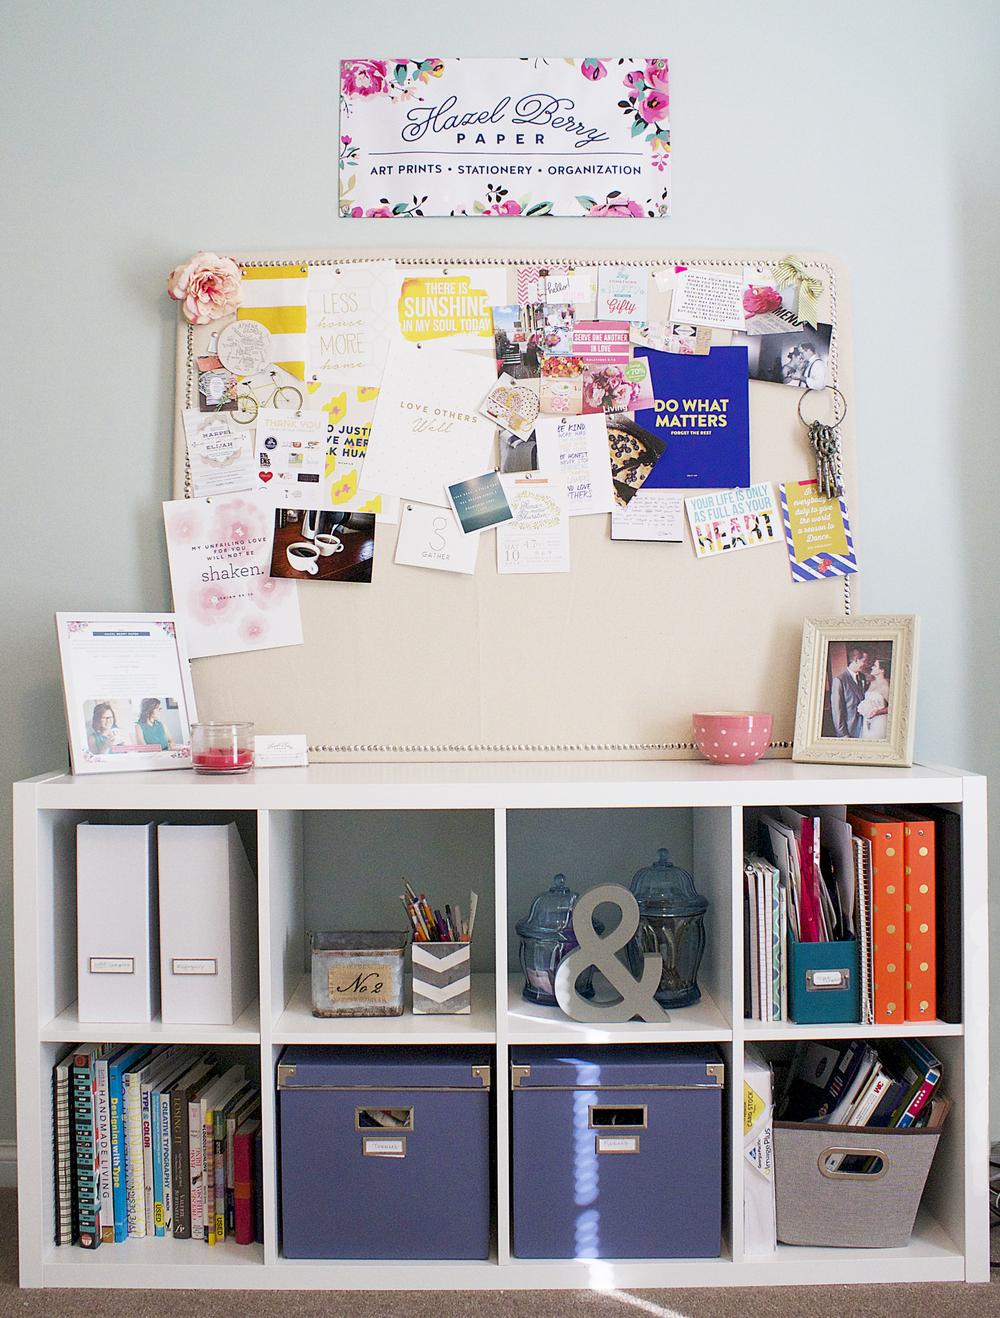 Hazel Berry Paper Studio